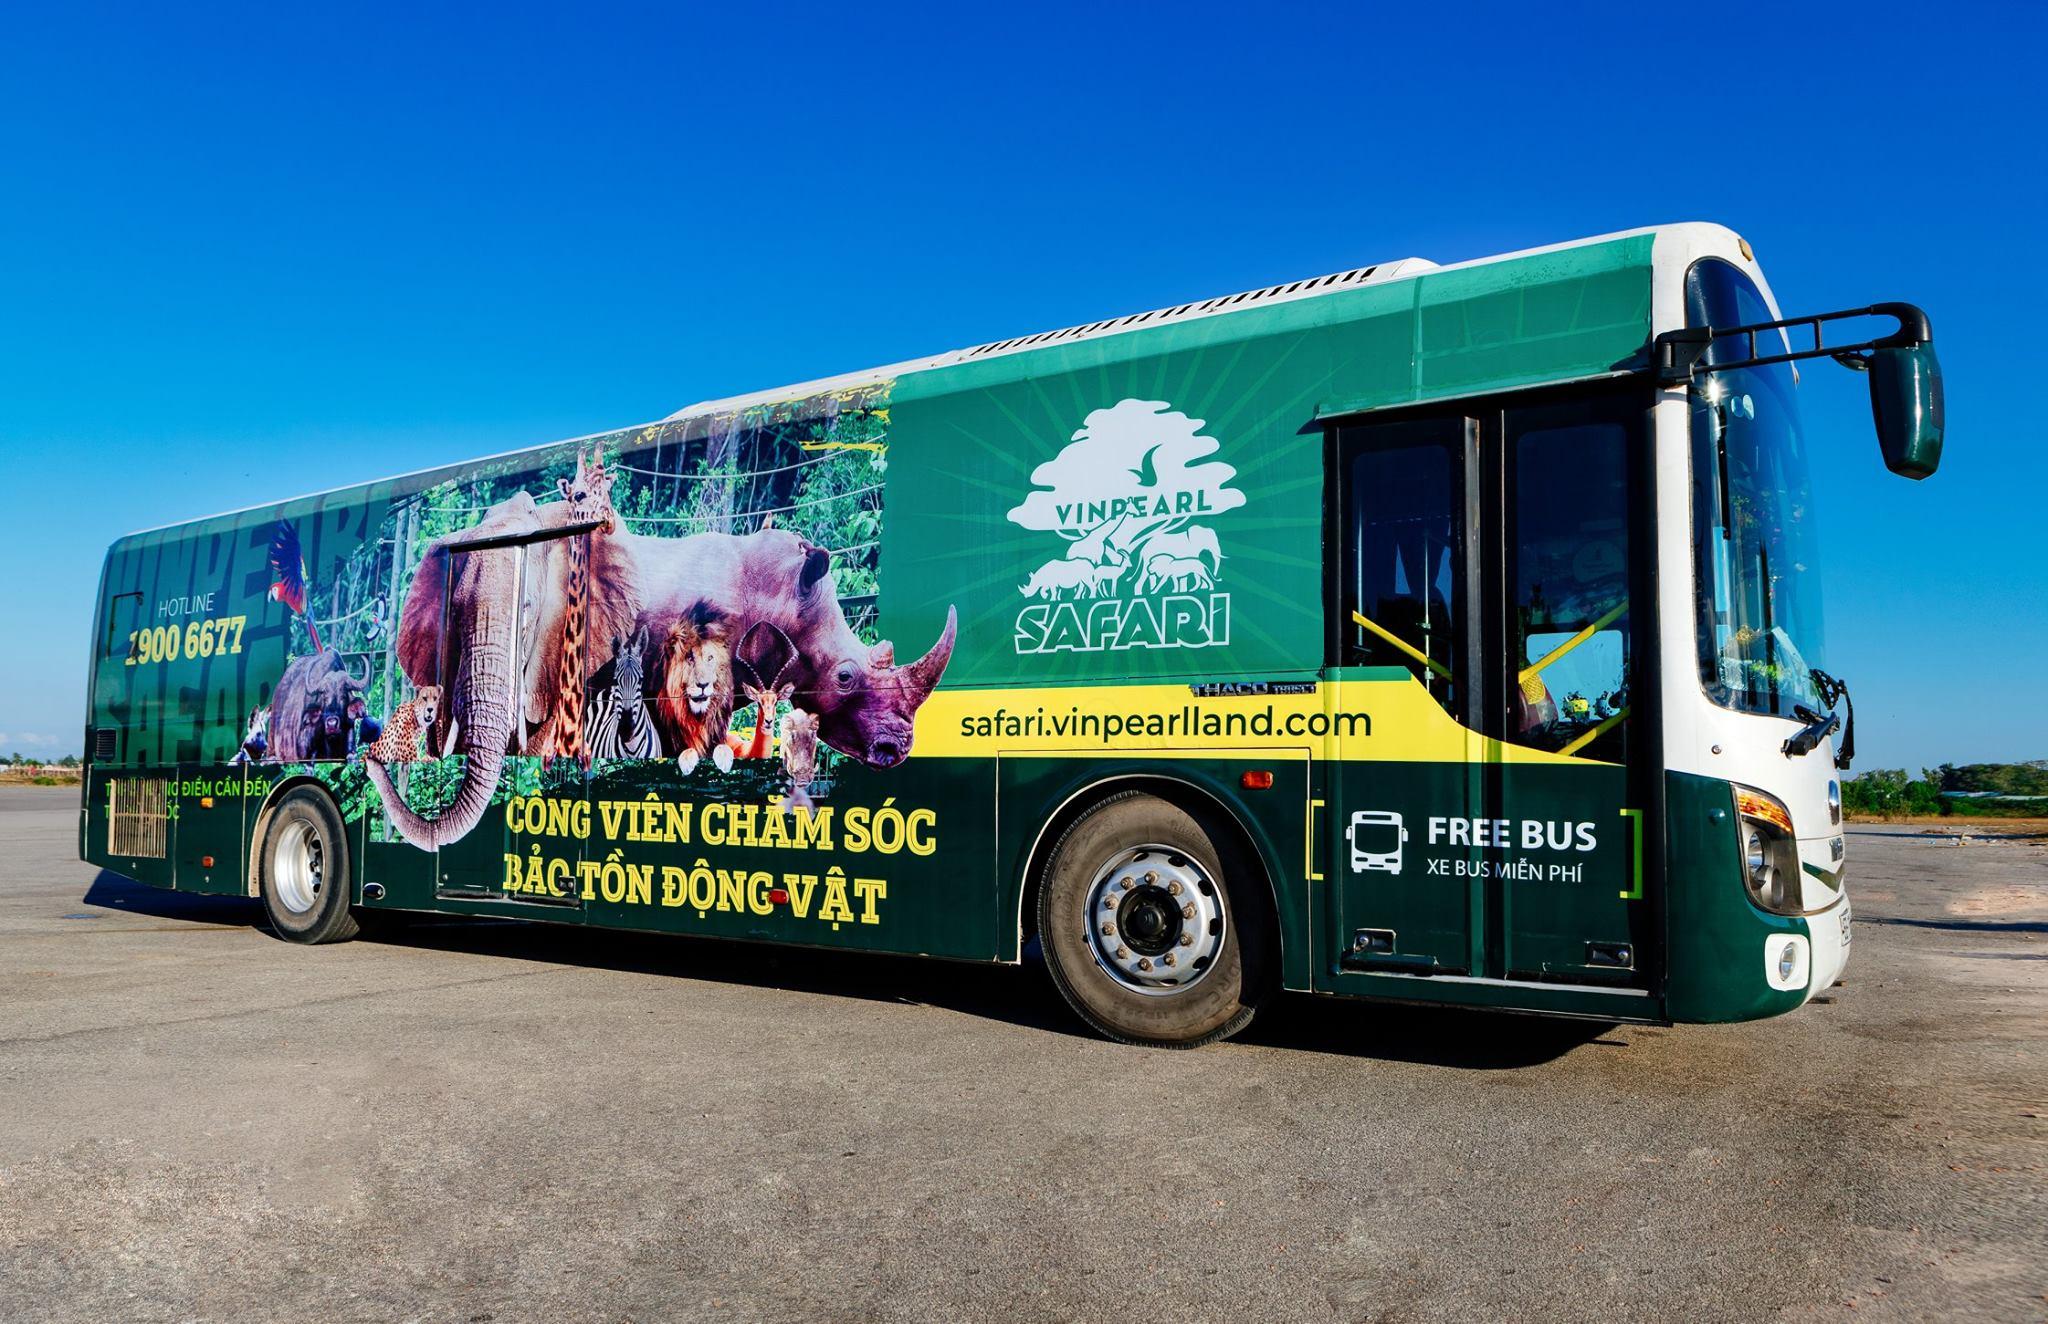 Xe bus đưa đón từ thị trấn Đông Dương của Vinpearl Safari Phú Quốc. Hình: Sưu tầm